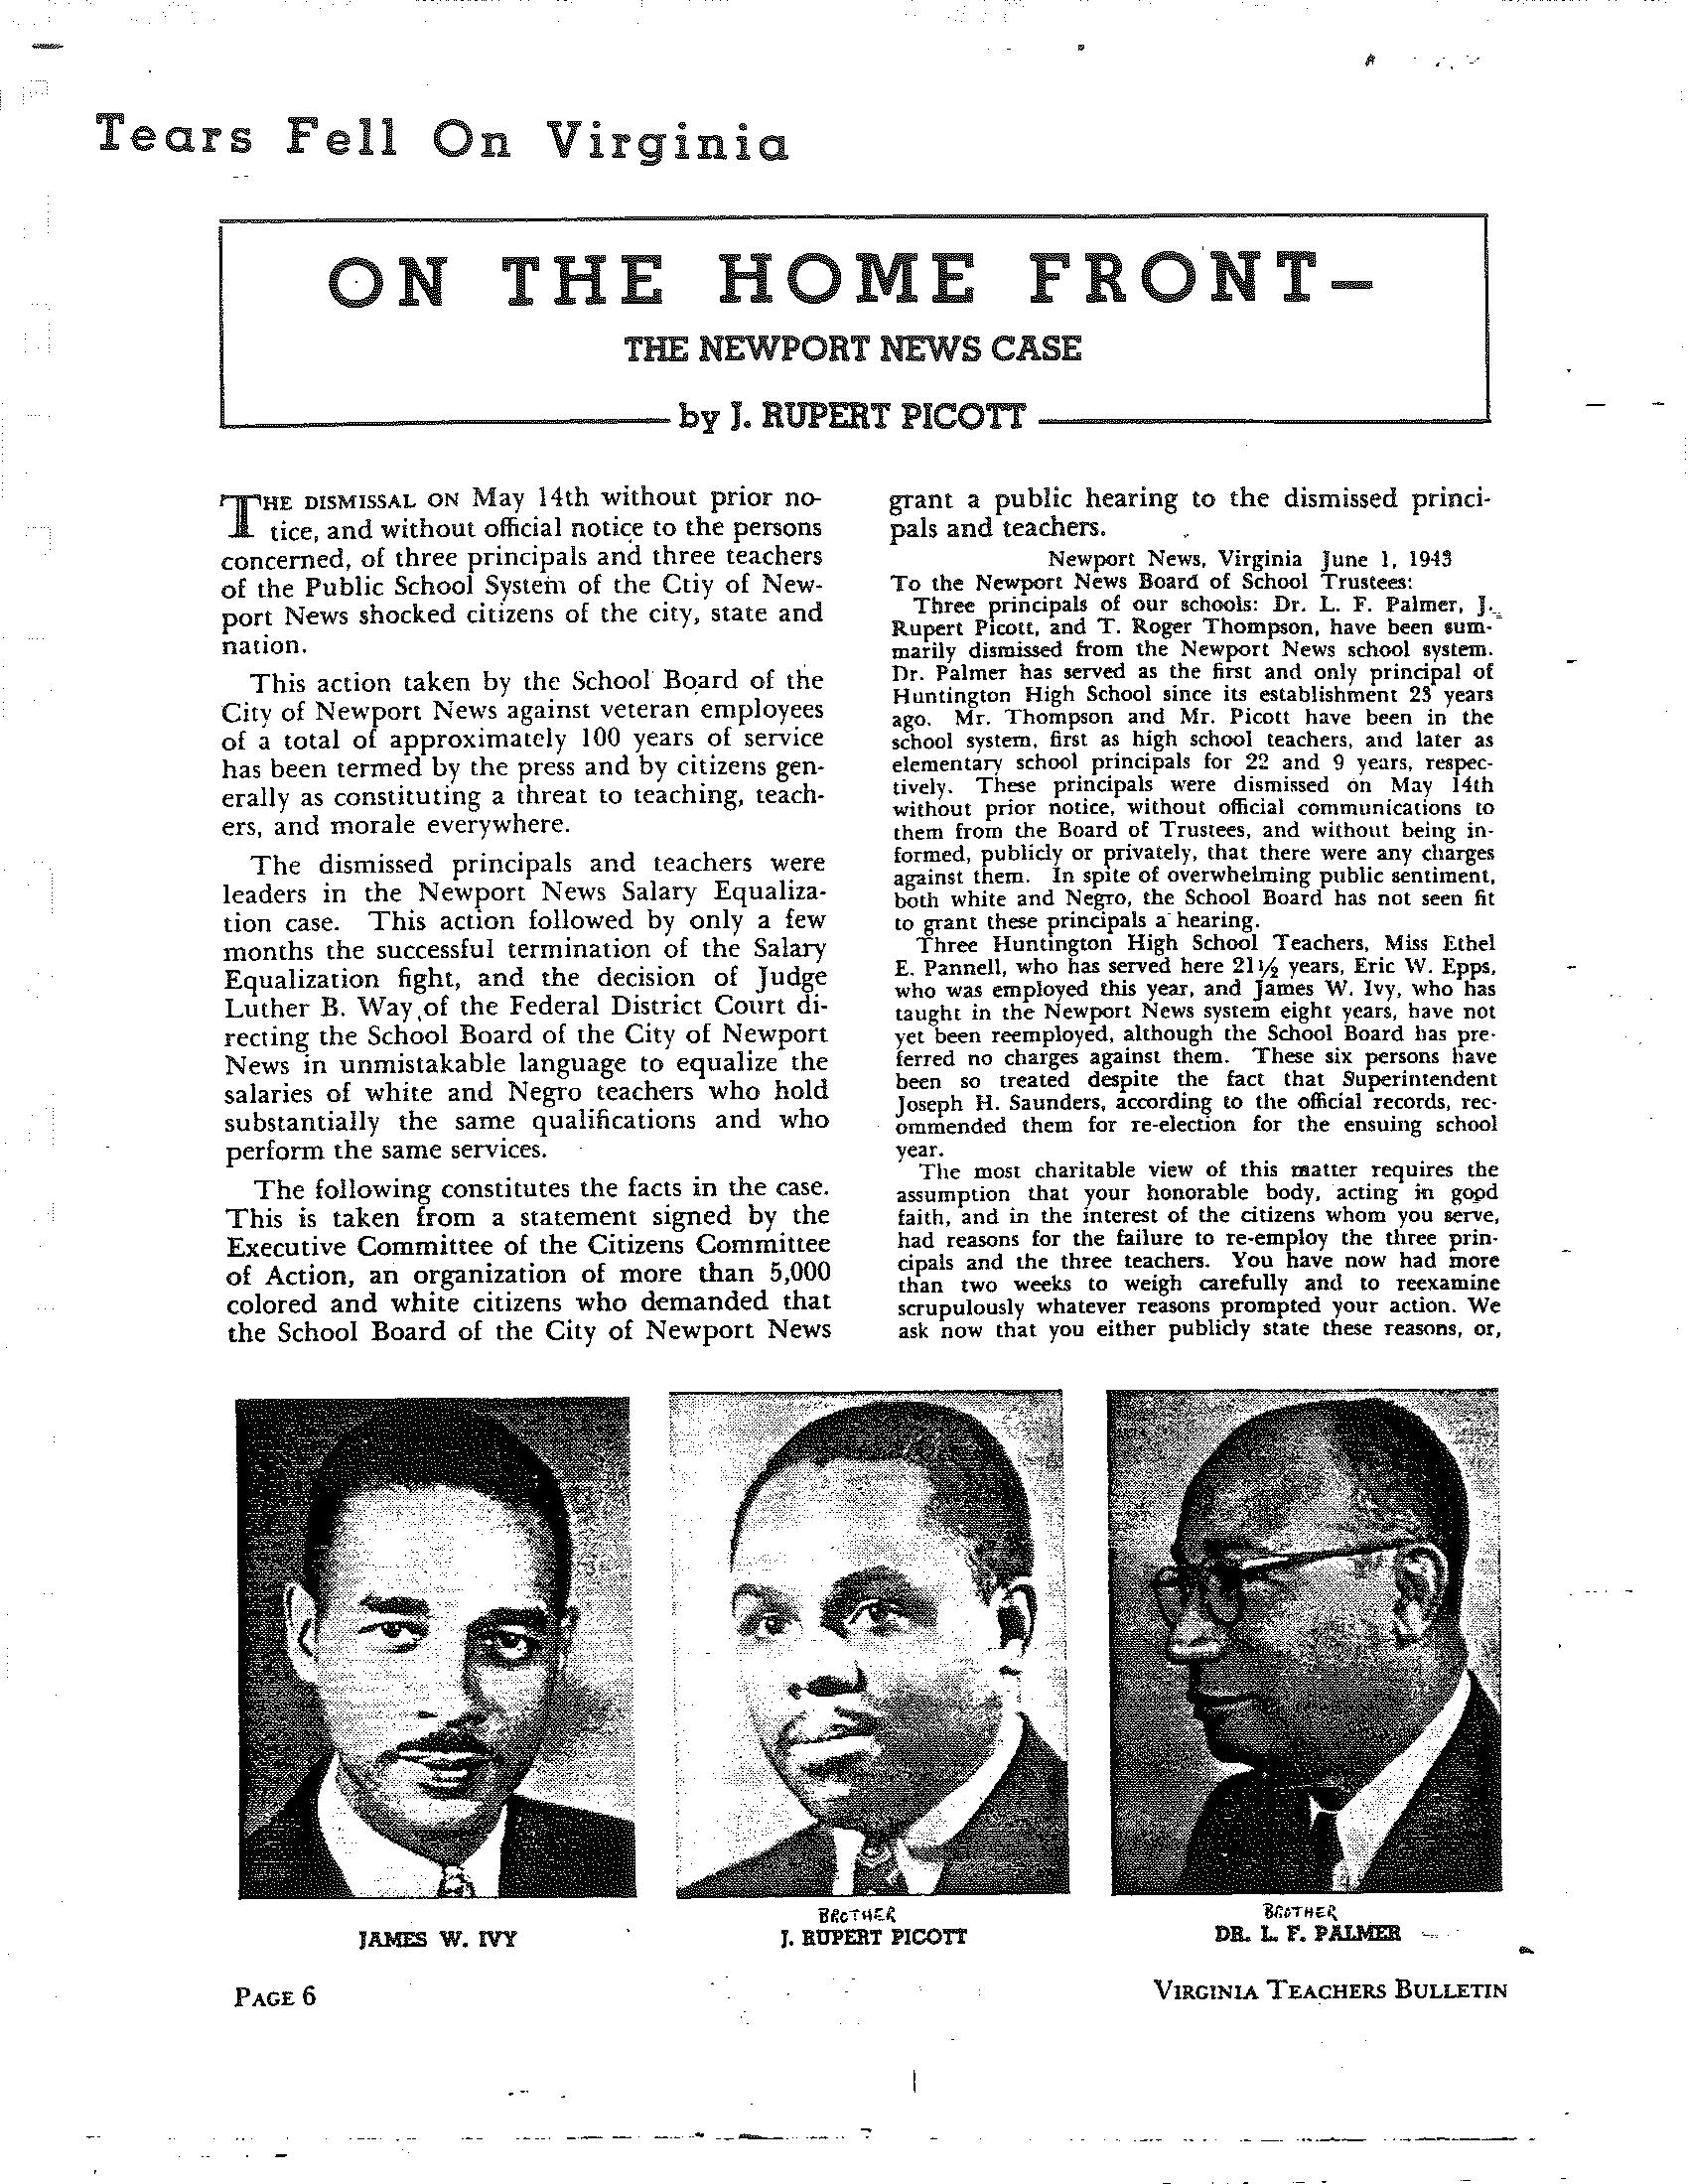 Zeta Lambda 1943 - The Newport News Case 1.png